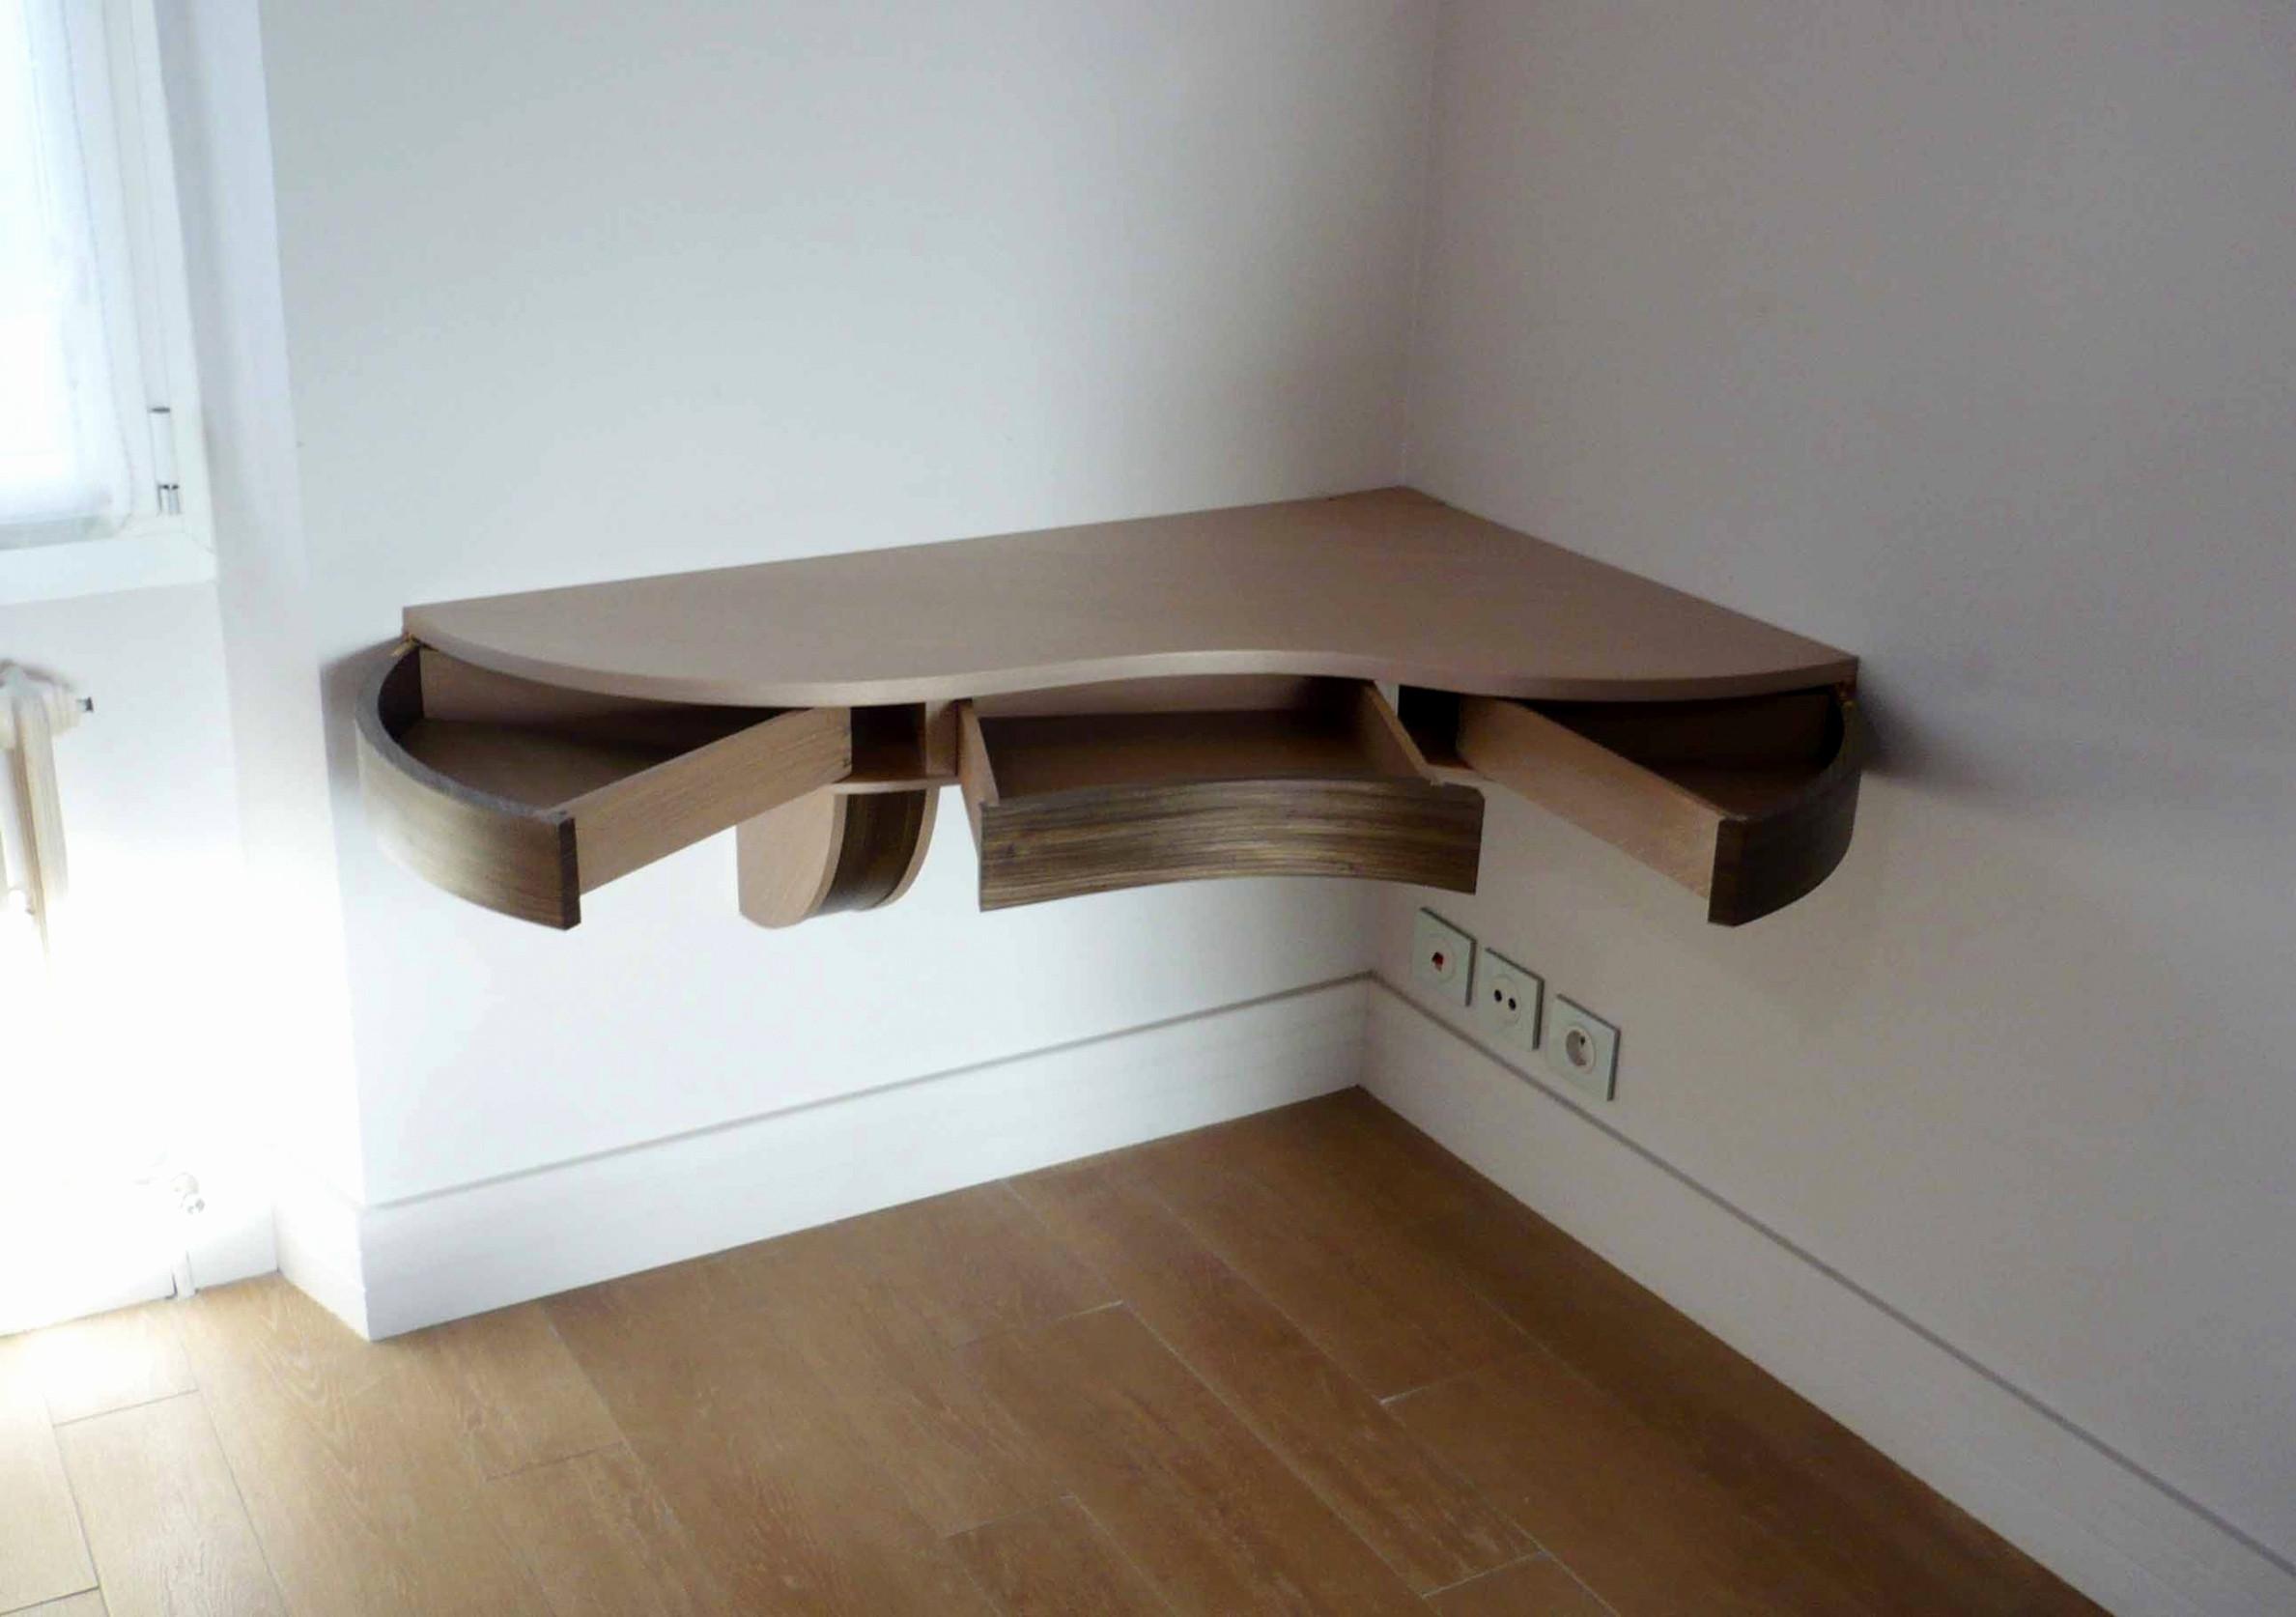 meuble pour salon meuble suspendu salon design luxe etagere suspendu 0d archives of meuble pour salon